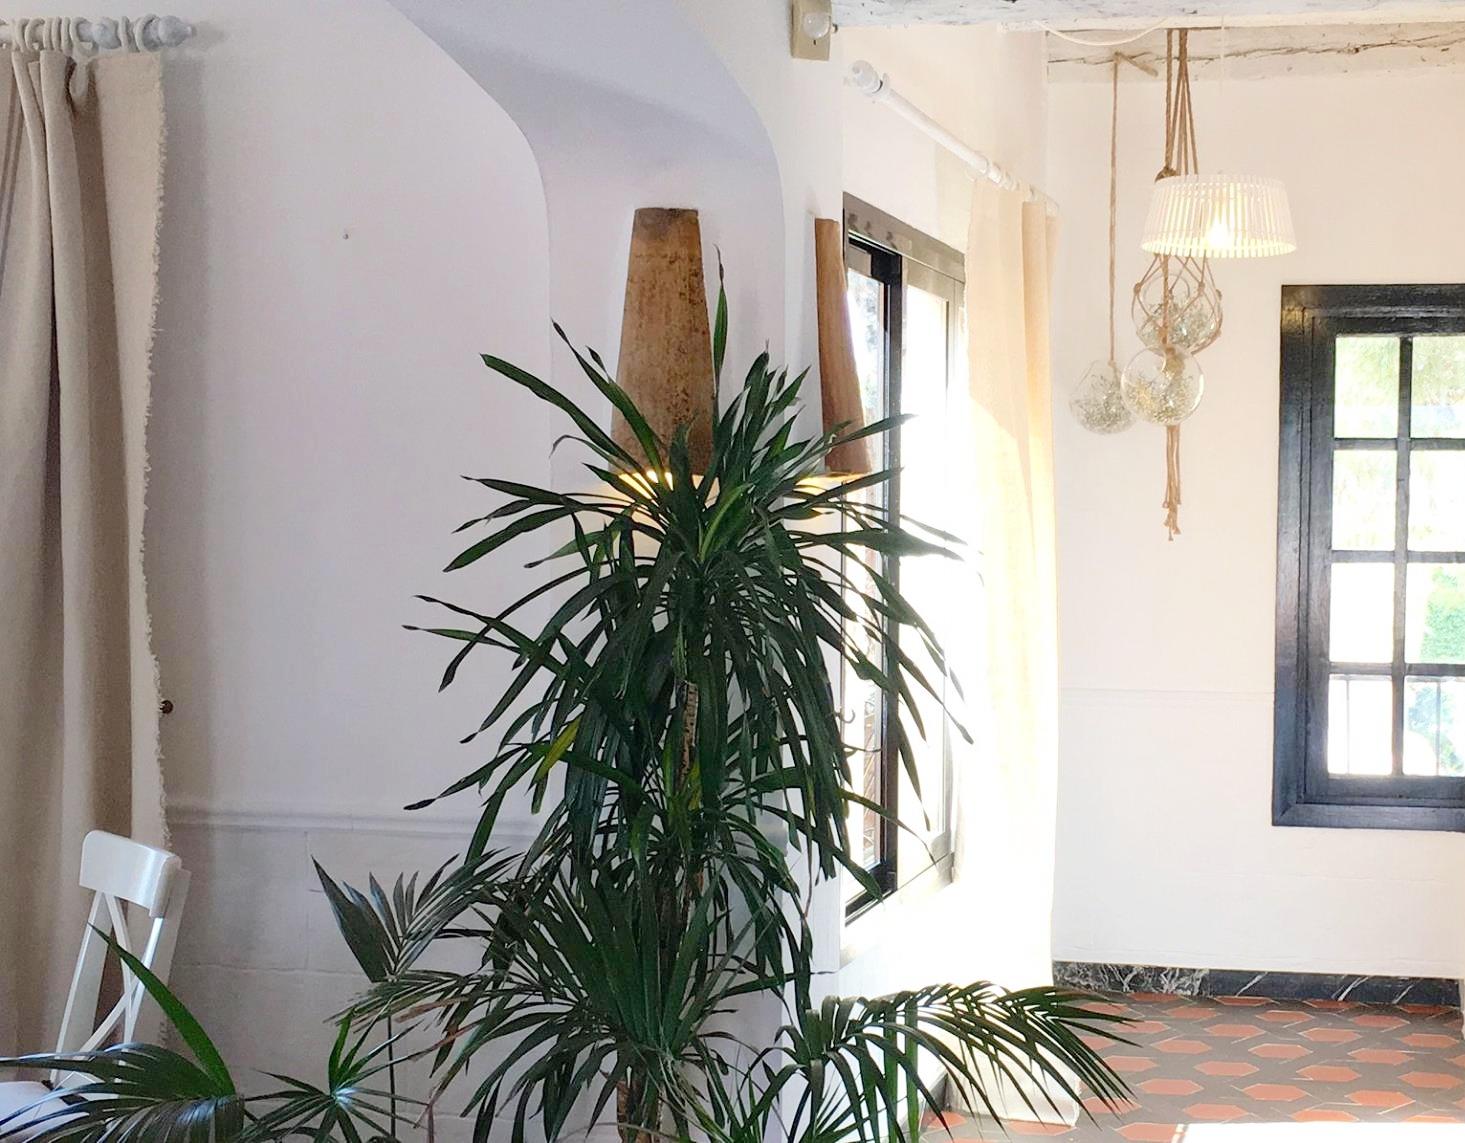 deguayhaus-interior-design-16